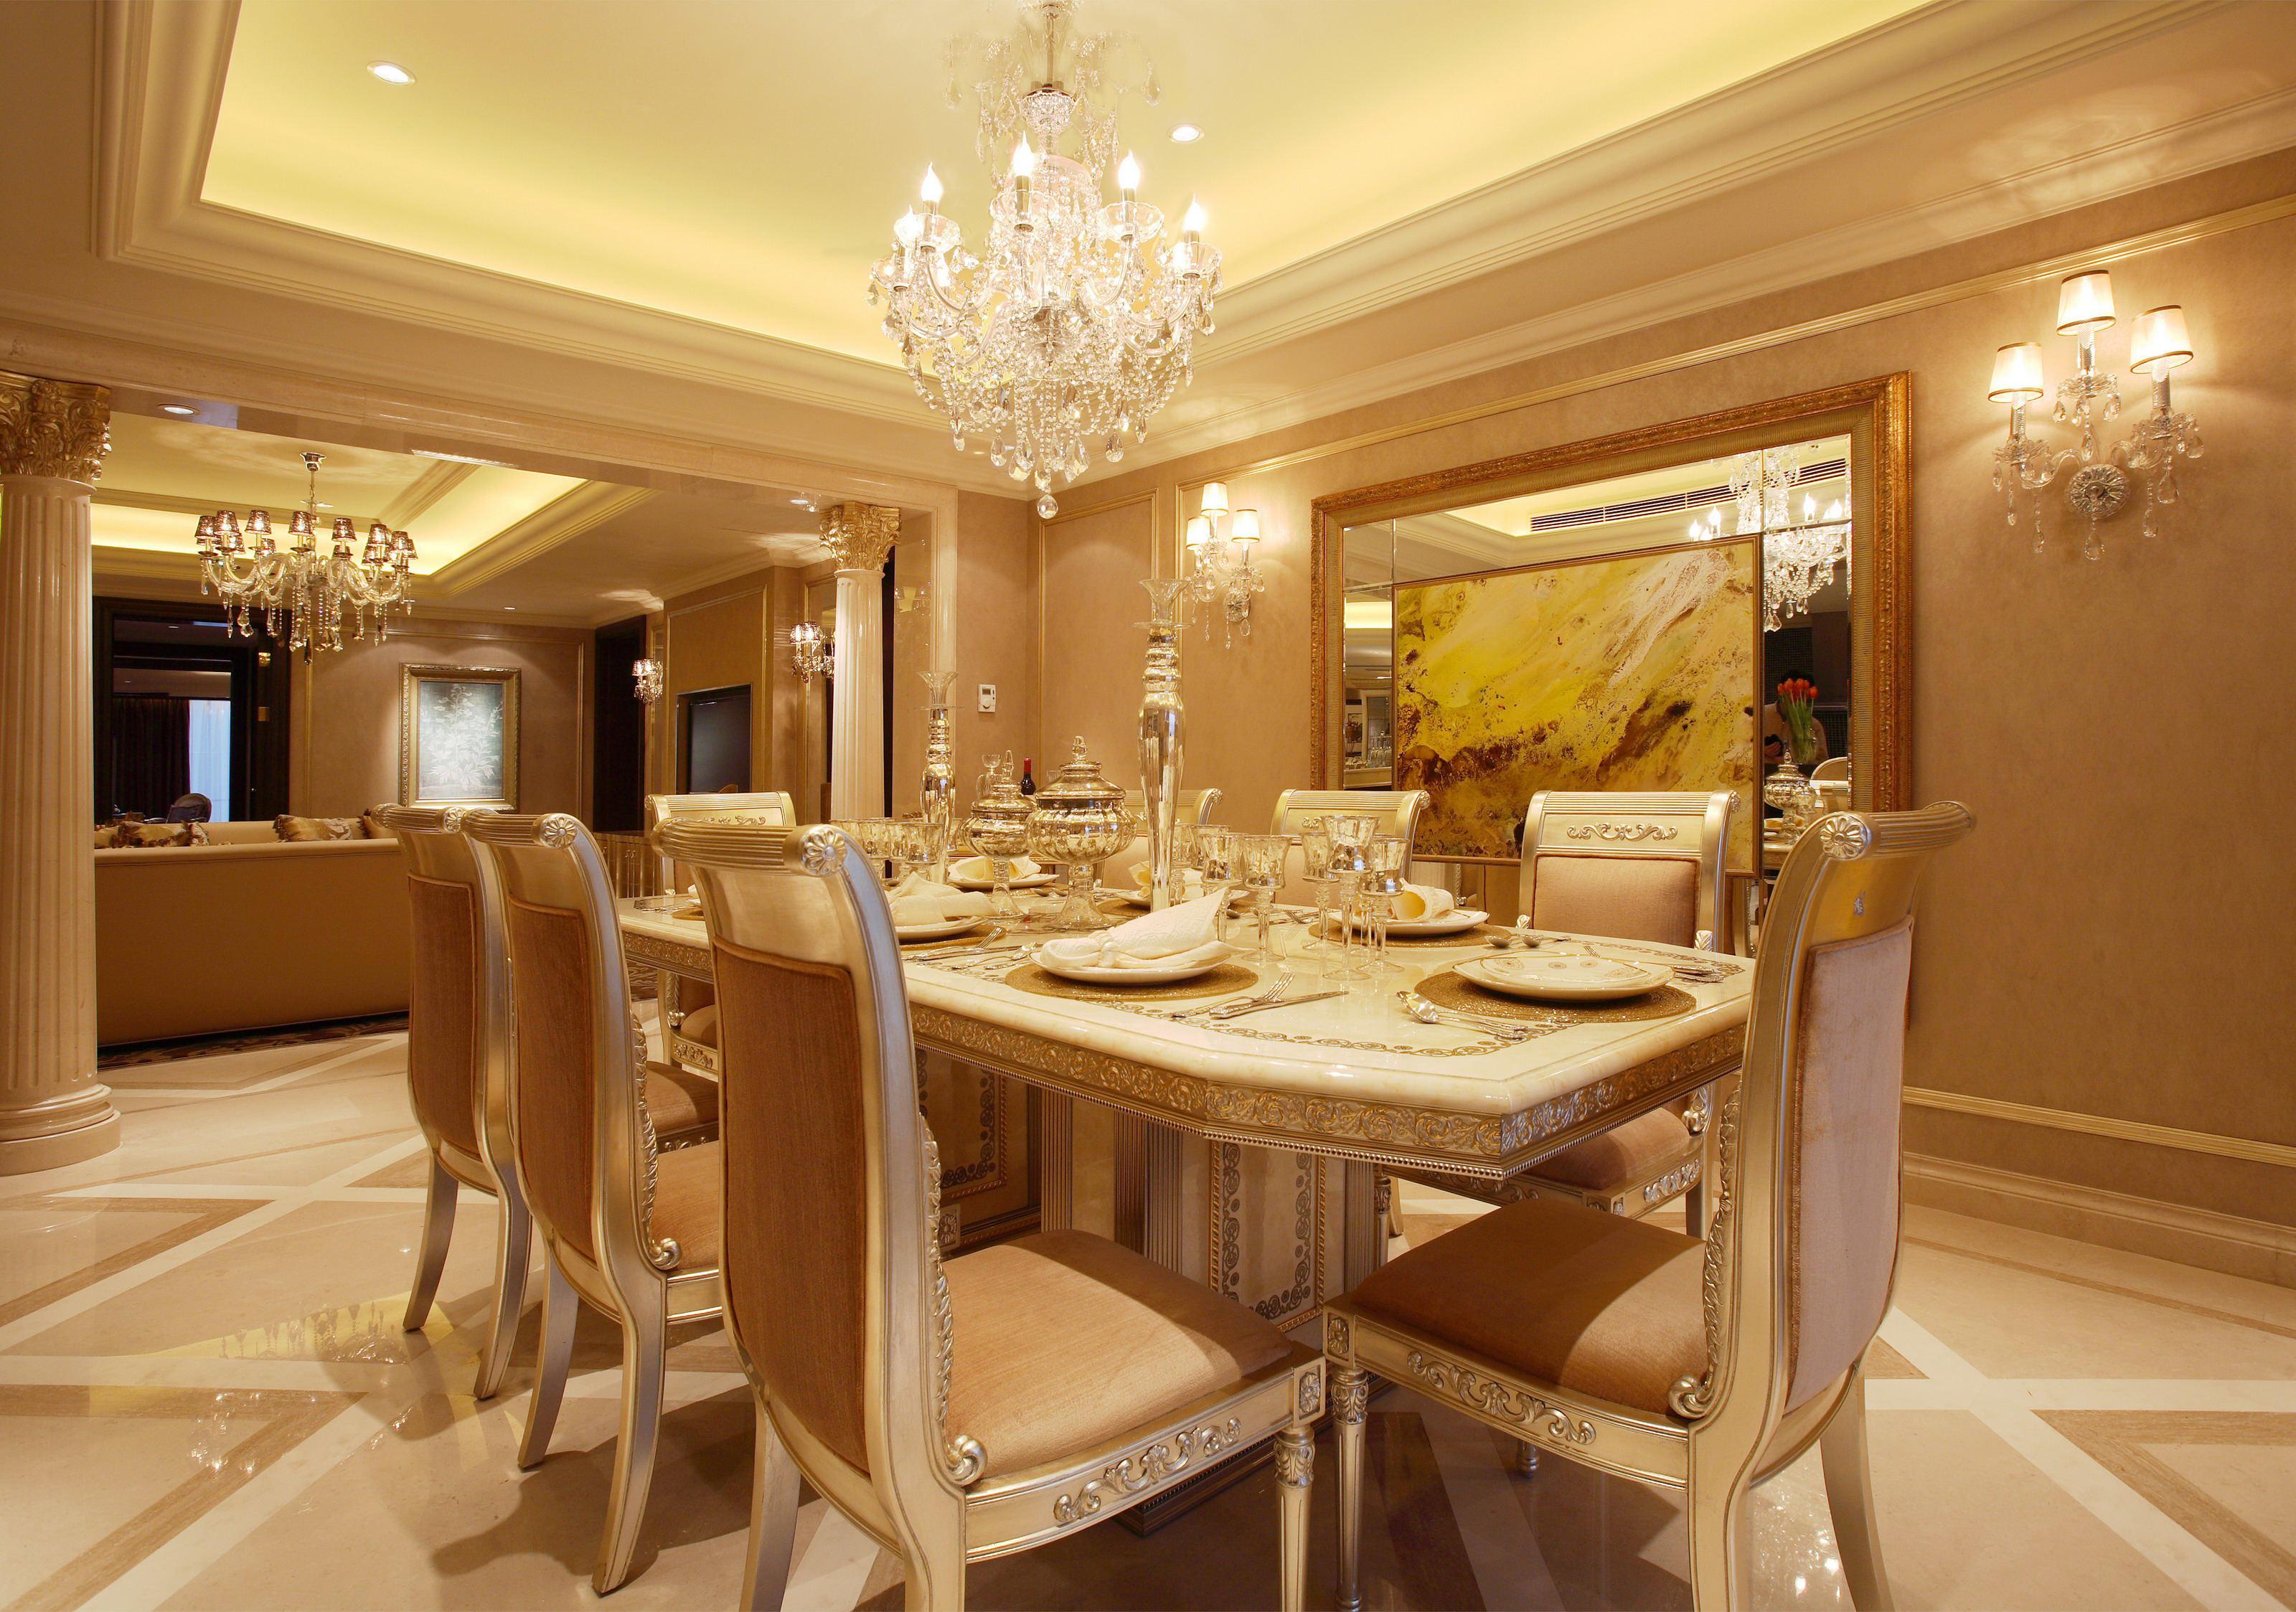 简约 欧式 别墅 餐厅图片来自1043284585x在花水湾同福别墅的分享